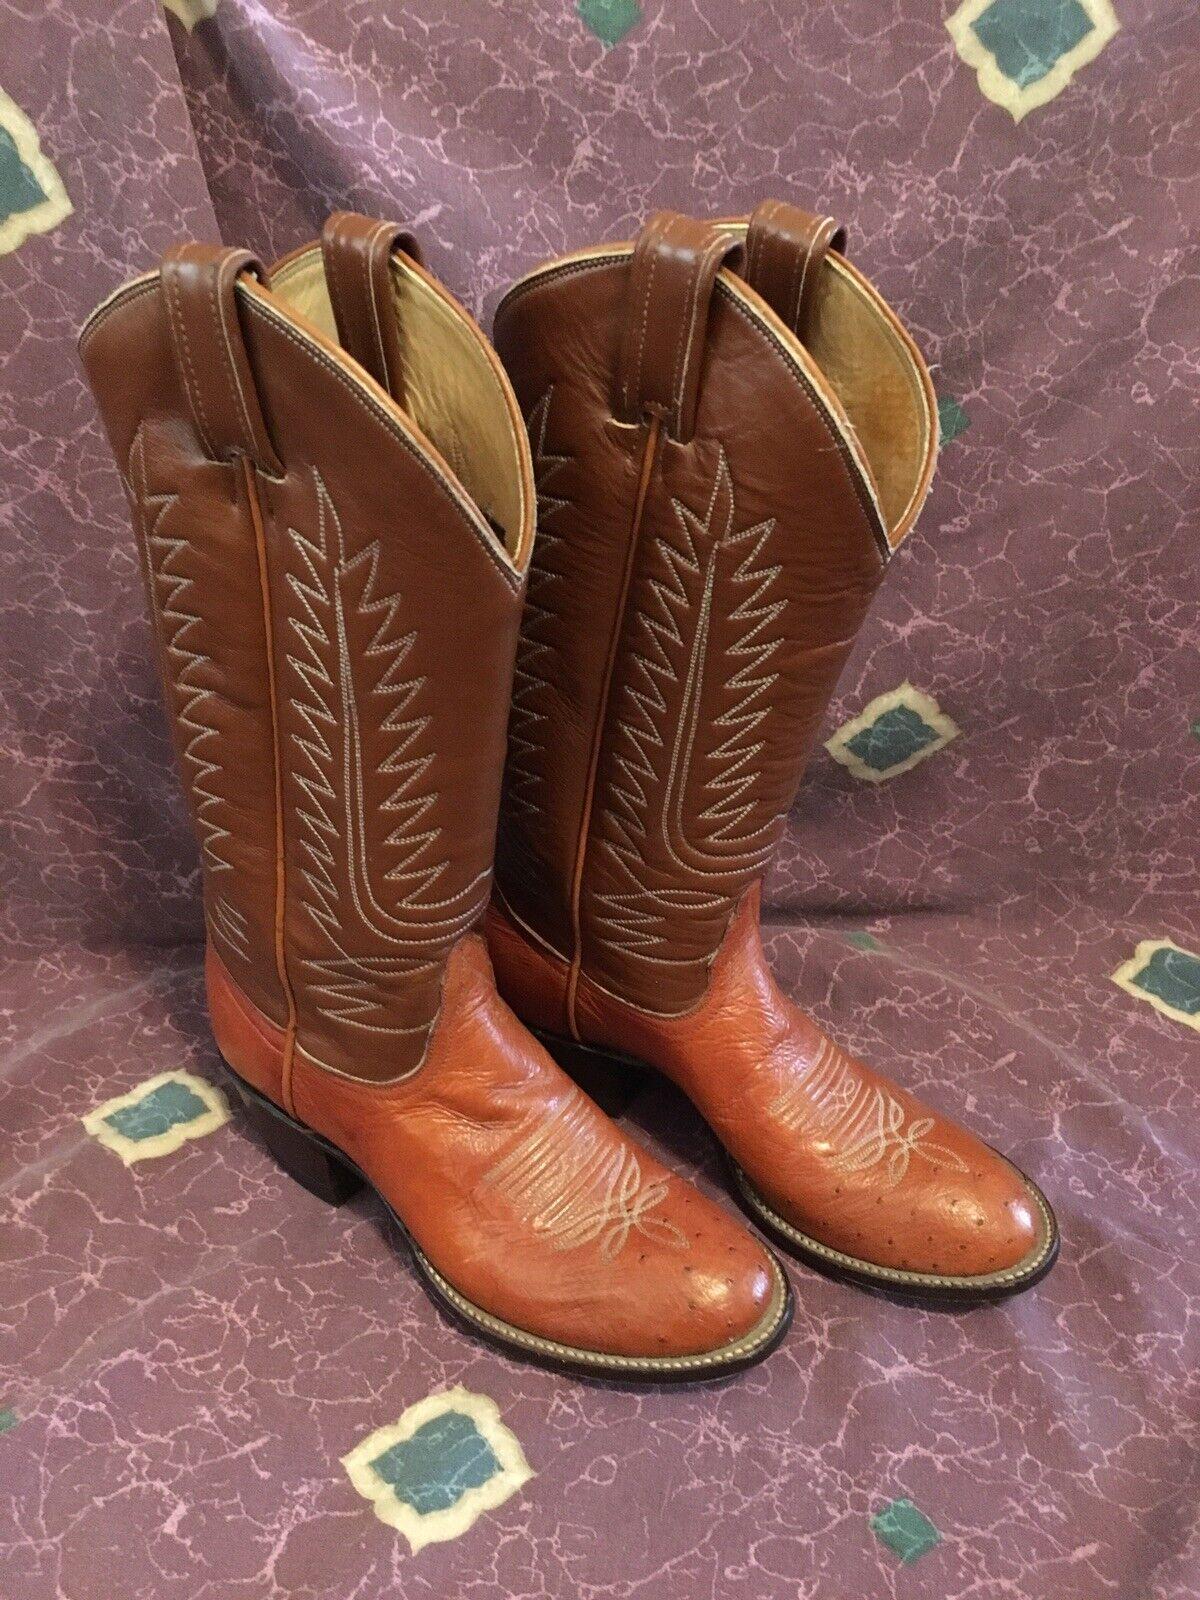 Pequeño Tony lama ostrich botas de vaquero para mujer